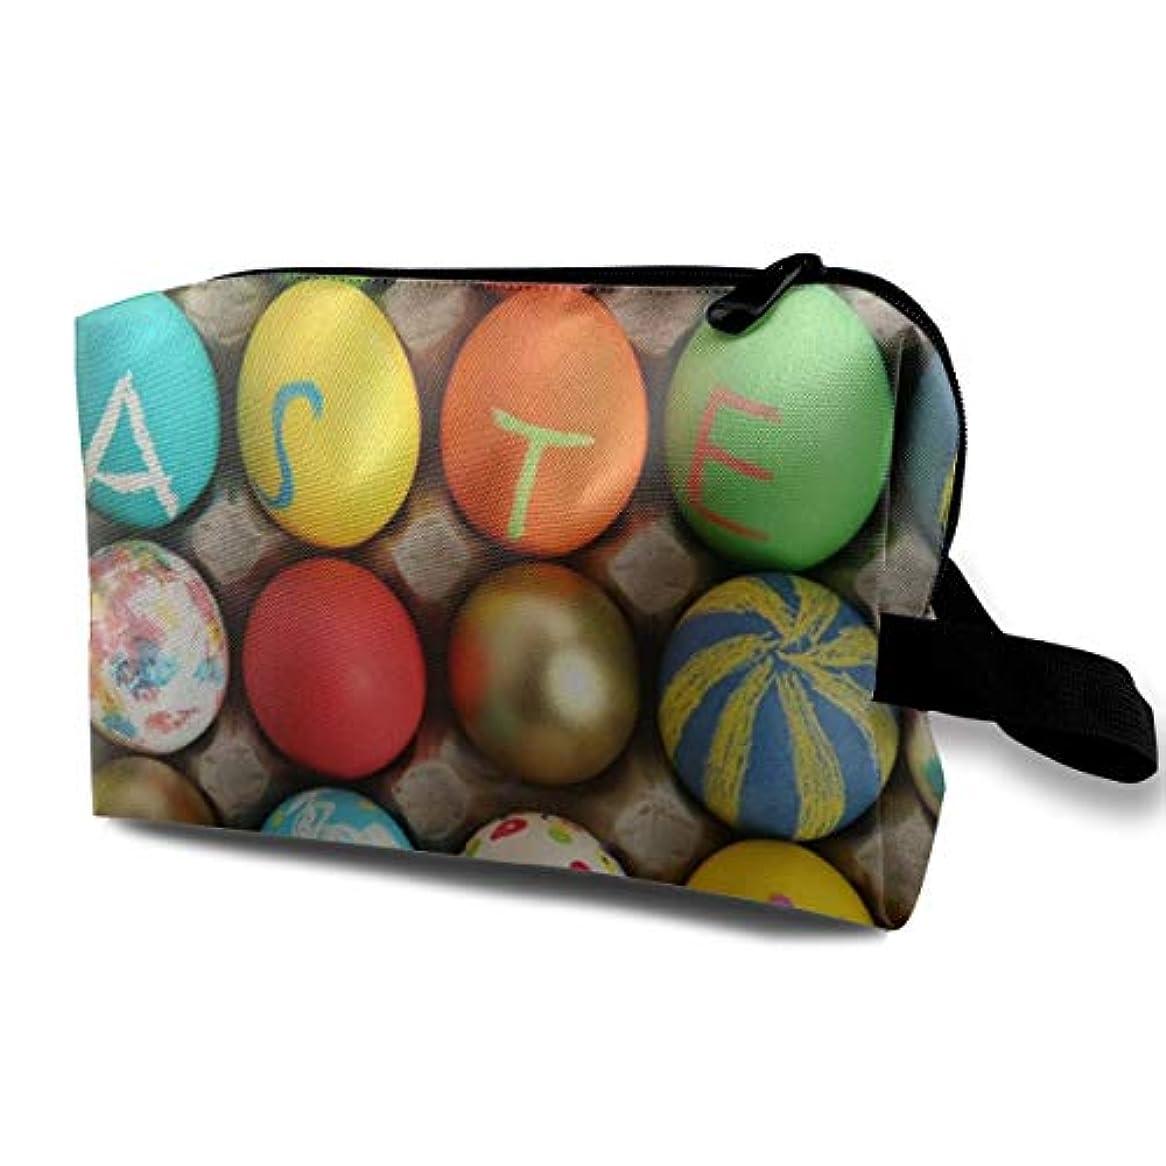 悲劇的な窓送金Colorful Easter Eggs 収納ポーチ 化粧ポーチ 大容量 軽量 耐久性 ハンドル付持ち運び便利。入れ 自宅?出張?旅行?アウトドア撮影などに対応。メンズ レディース トラベルグッズ